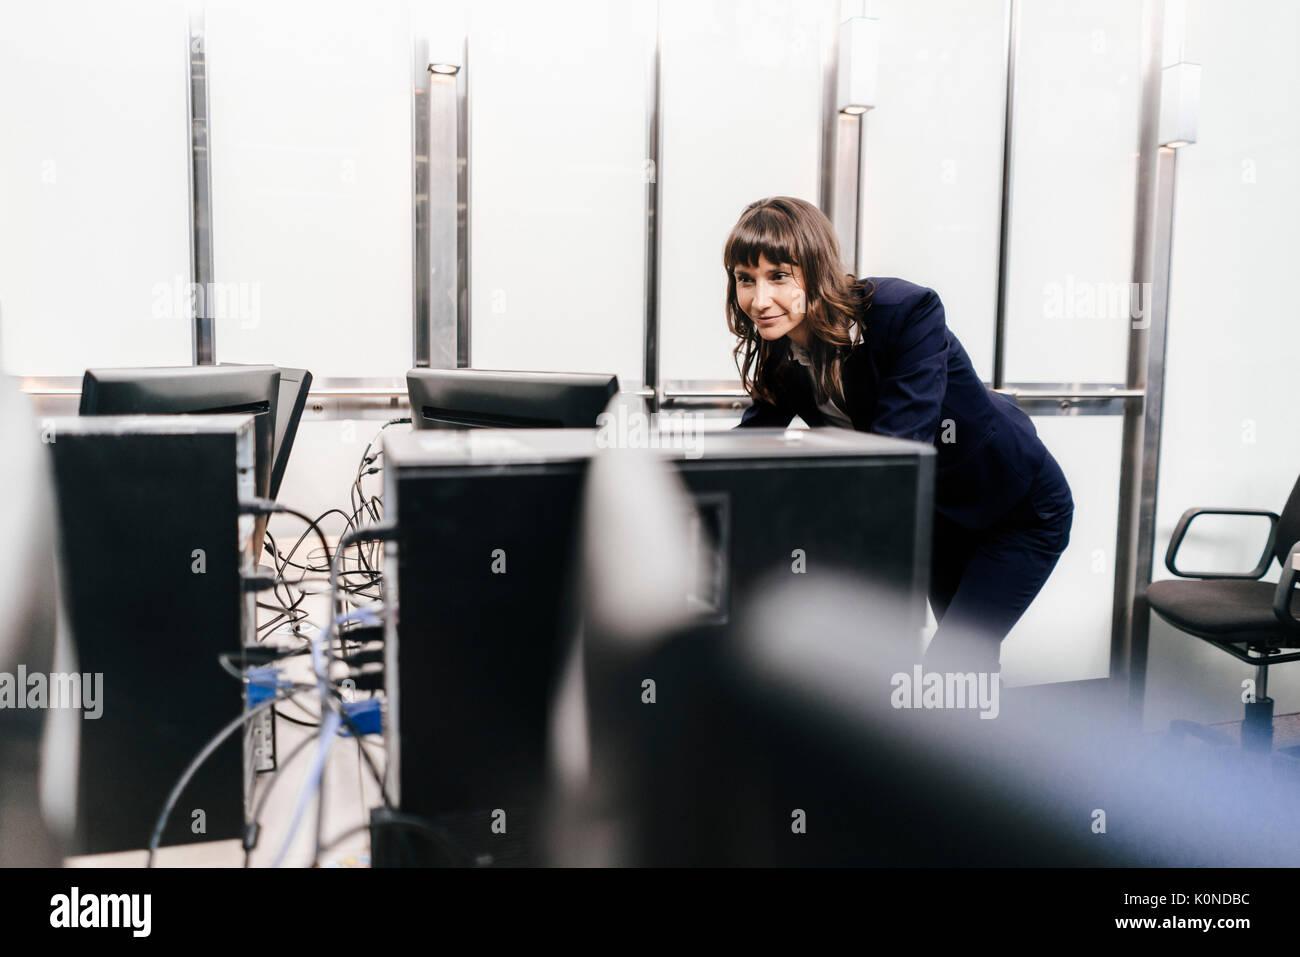 Exitosa empresaria mirando monitores en Office Imagen De Stock